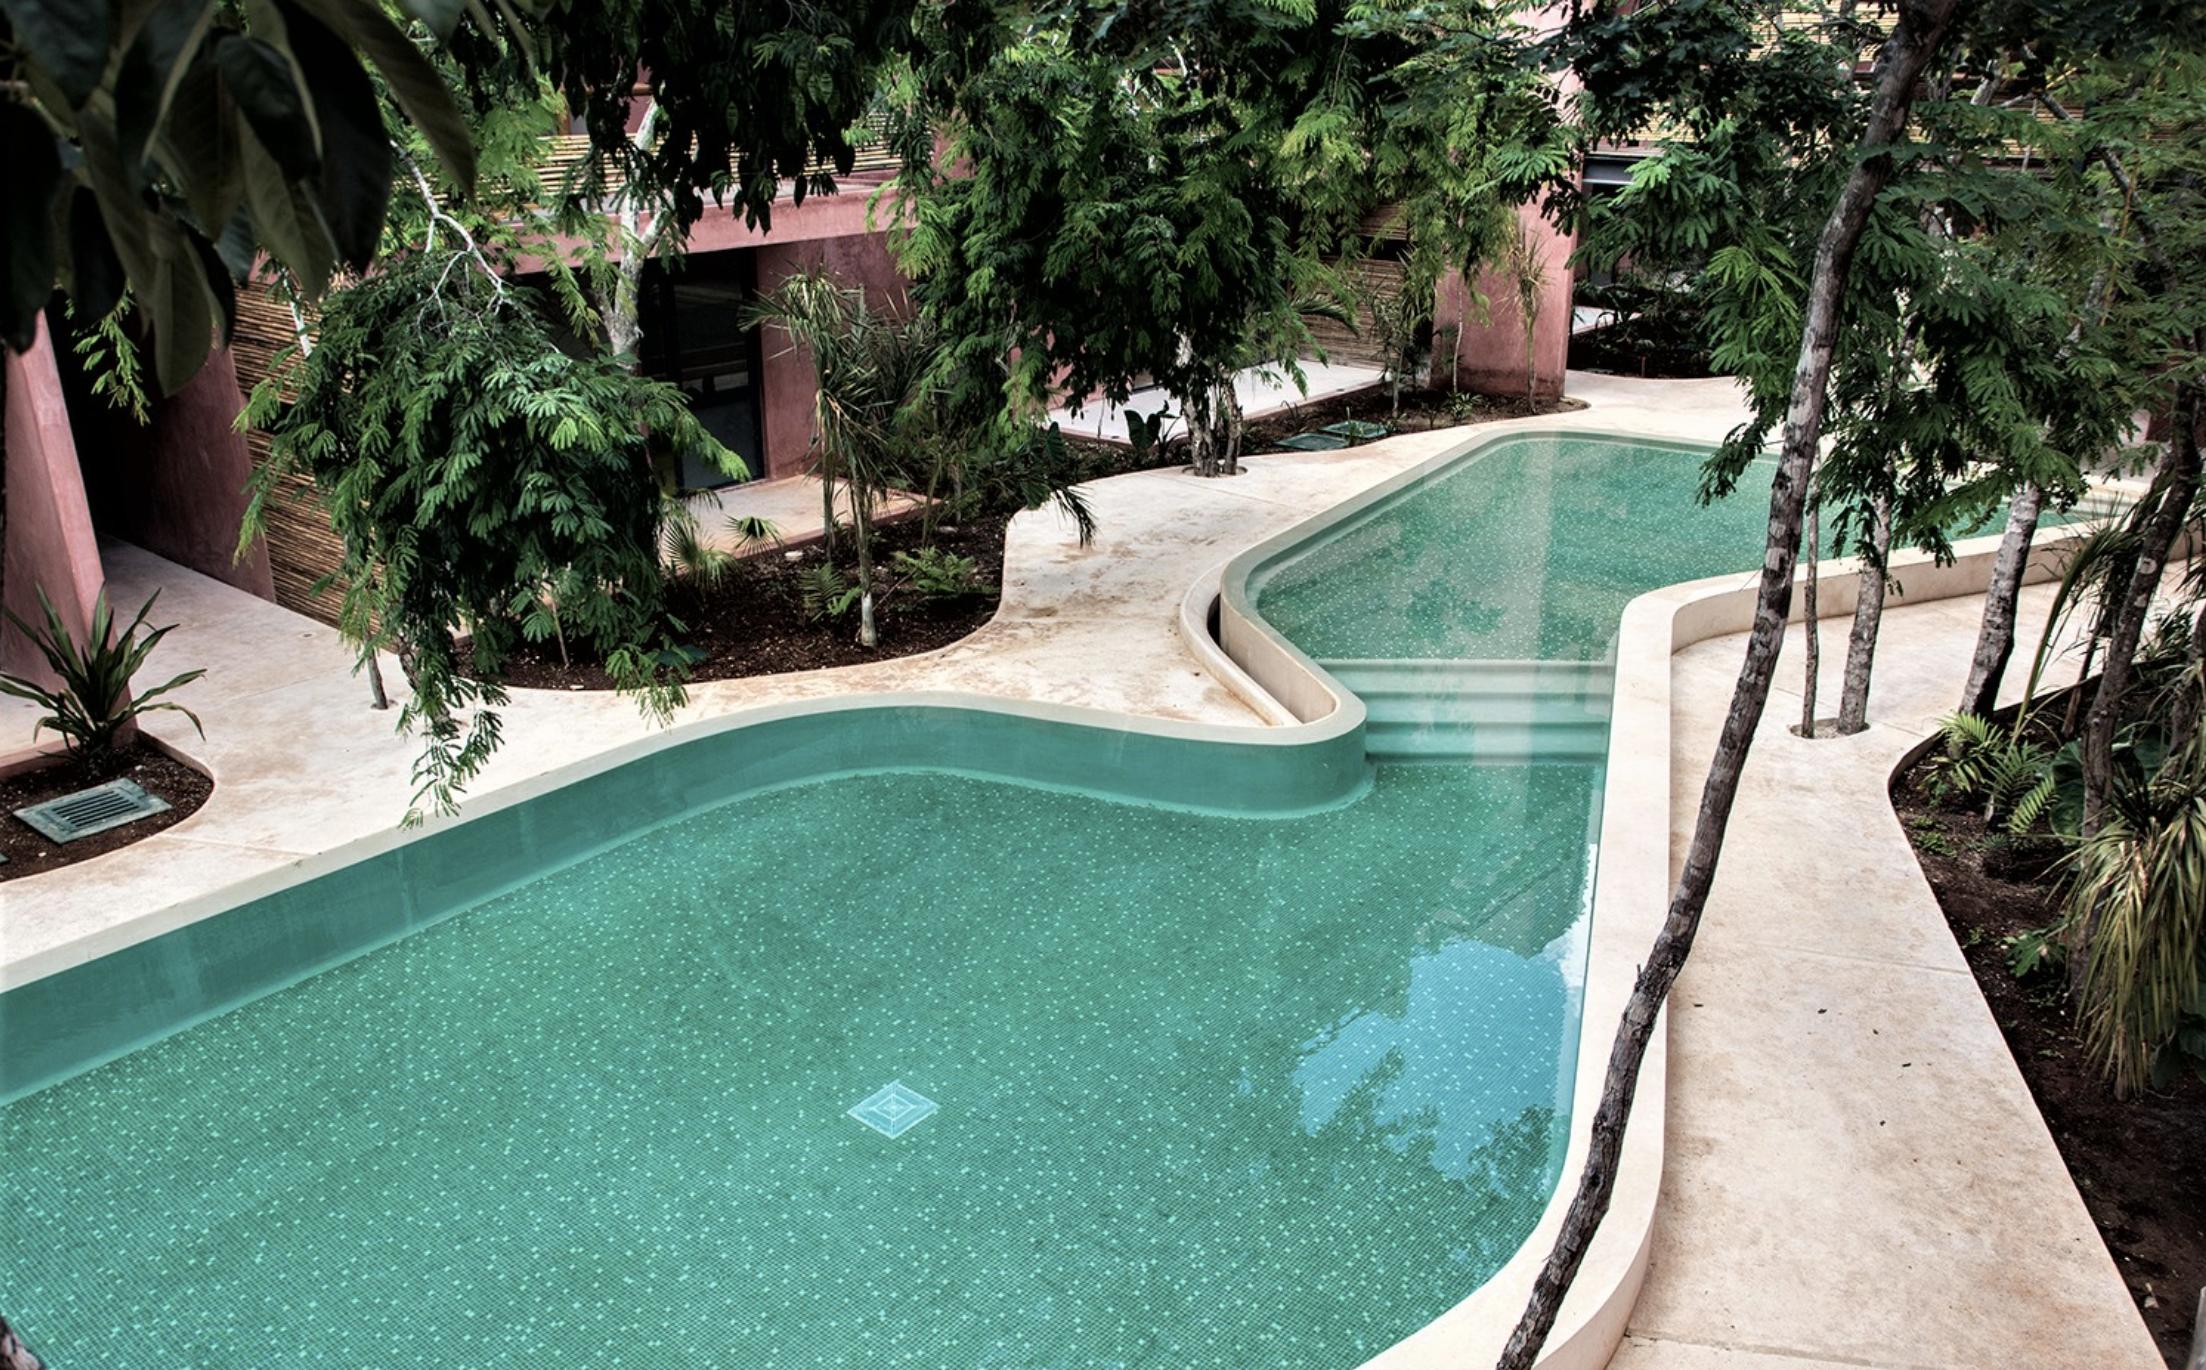 Un nivel más arriba - El Extra de México Tropical® <benefits, merch & social>